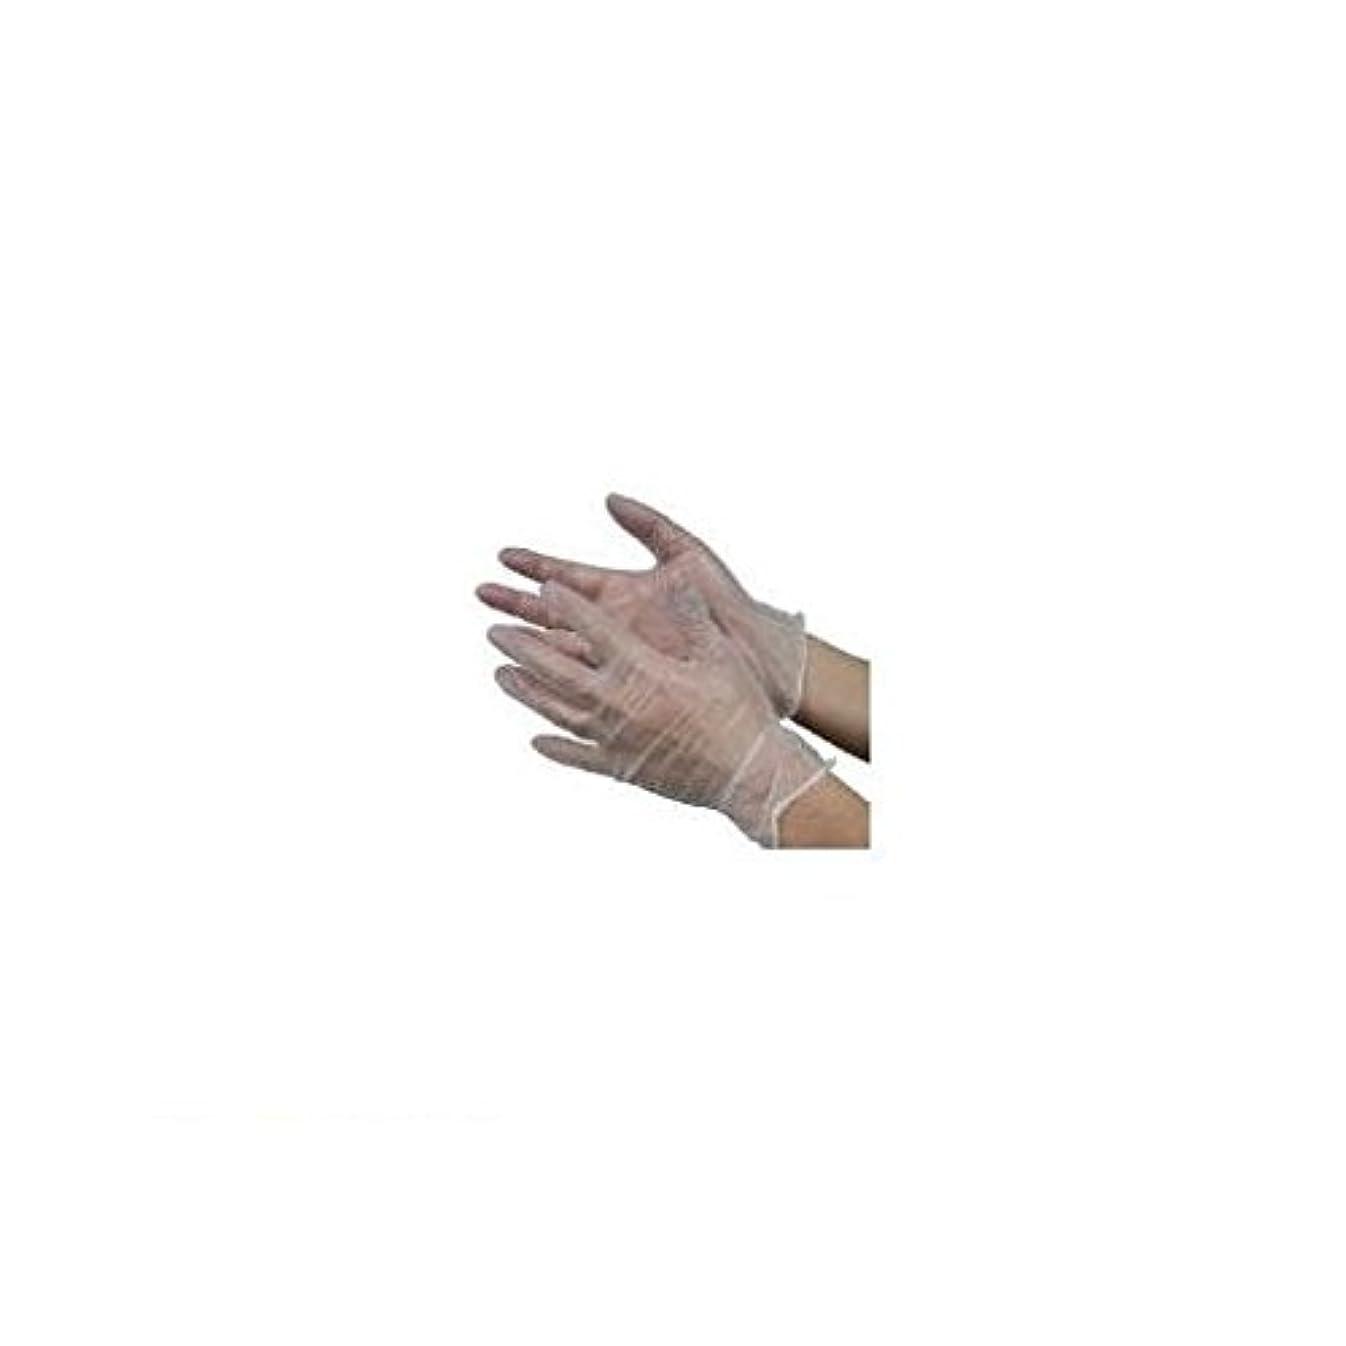 トチの実の木膜家事BV88228 モデルローブビニール使いきり手袋【粉つき】S 100枚入 NO930